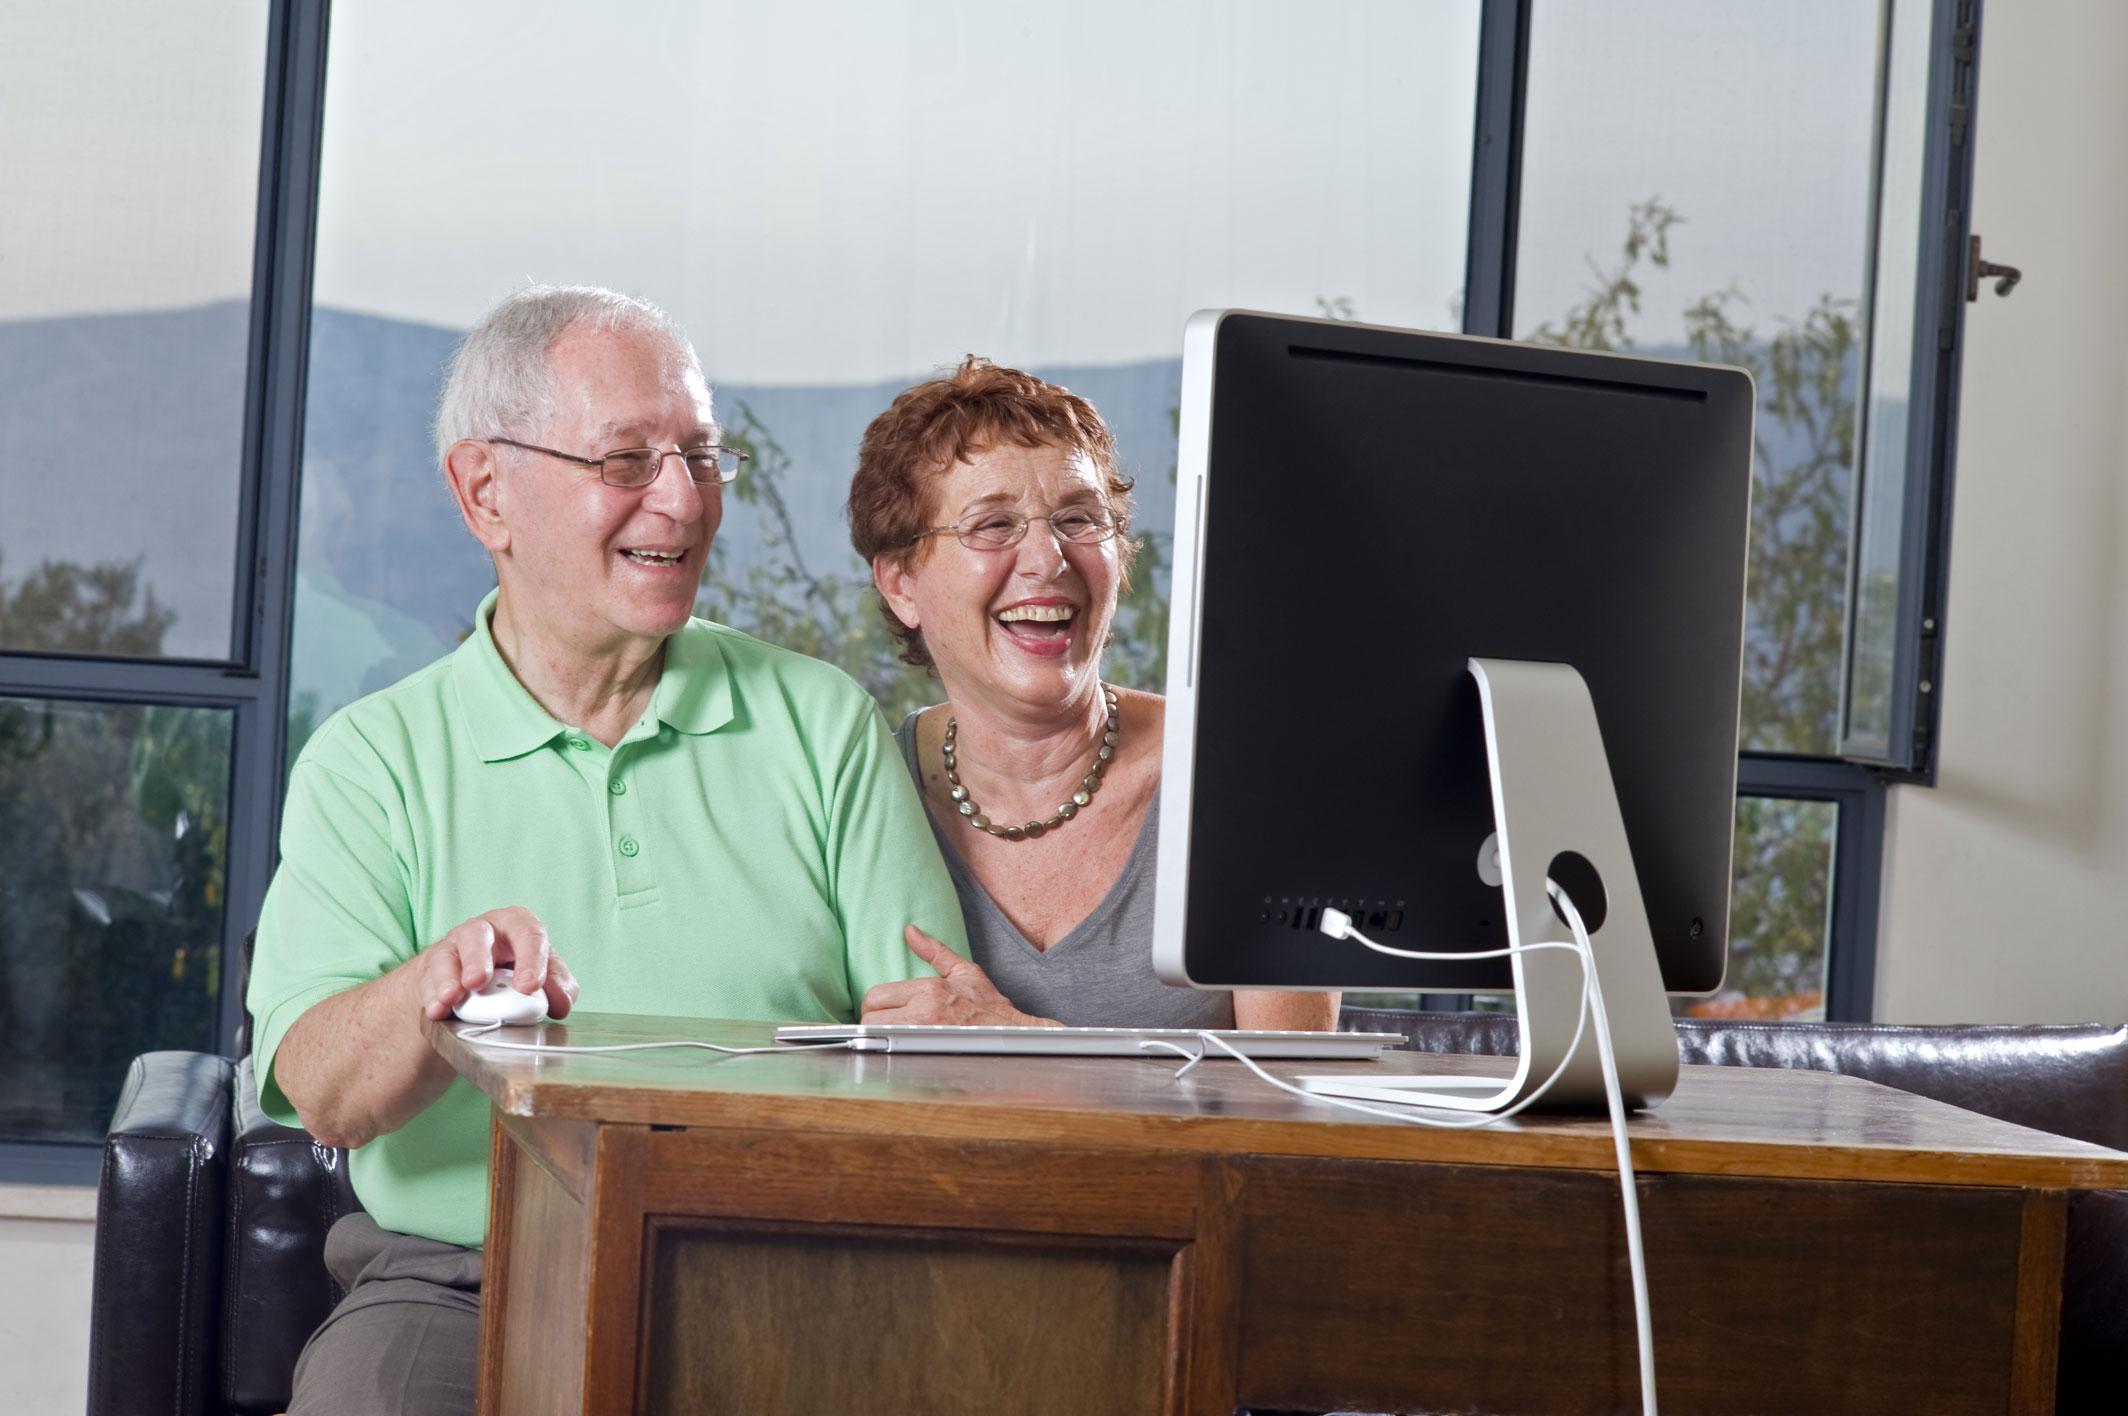 Aprender um segundo idioma beneficia saúde mental na velhice